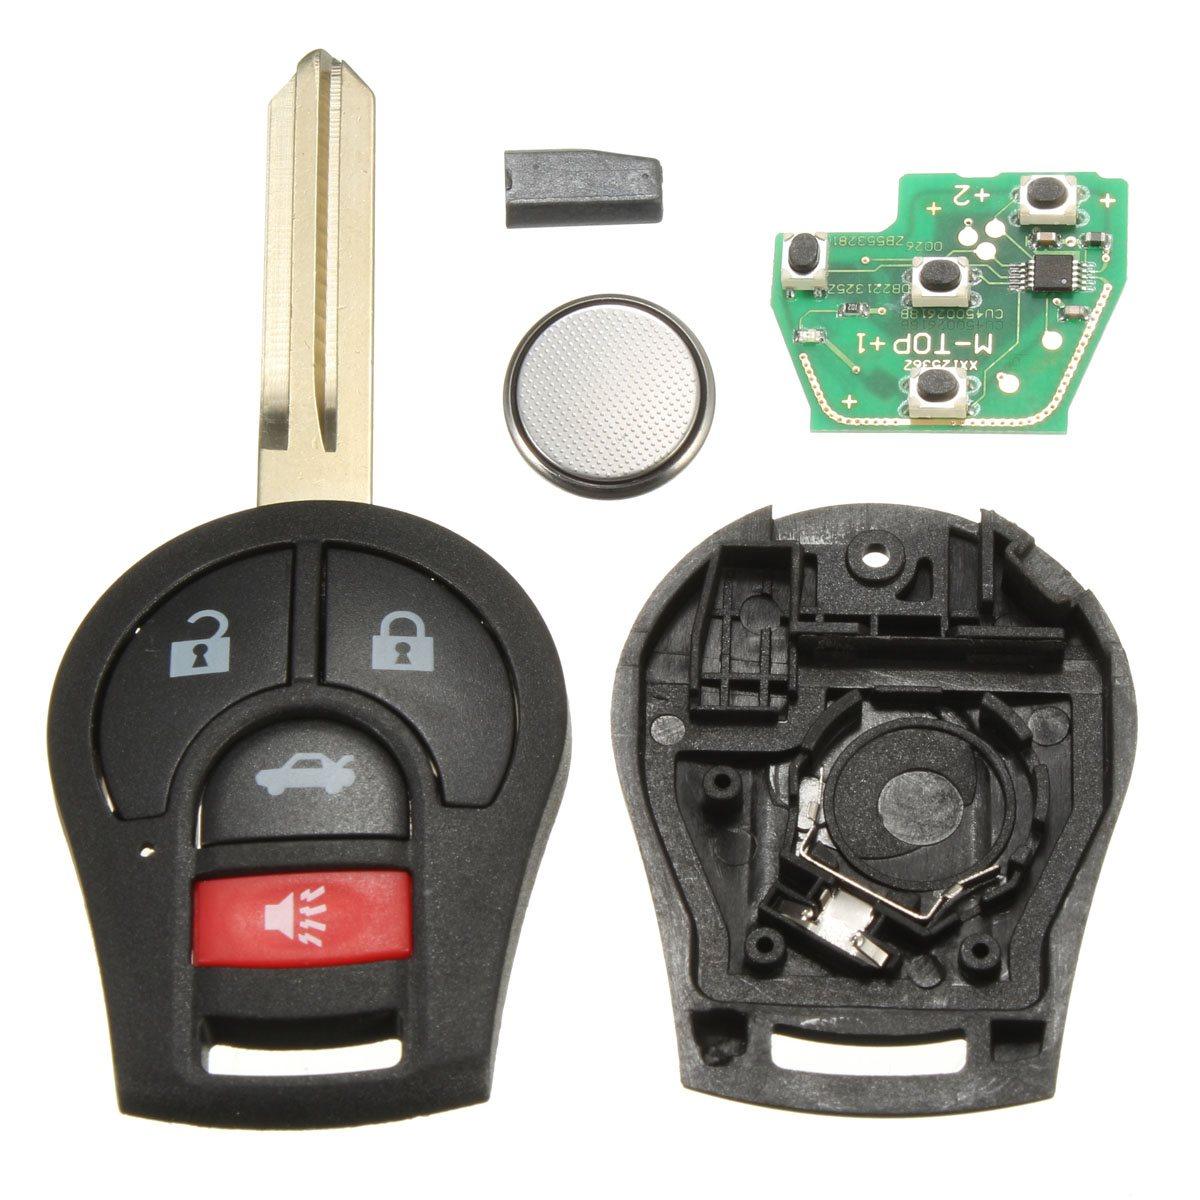 4 Bouton Uncut Télédéverrouillage Key Fob Transpondeur Puce 46 Pour Nissan CWTWB1U751